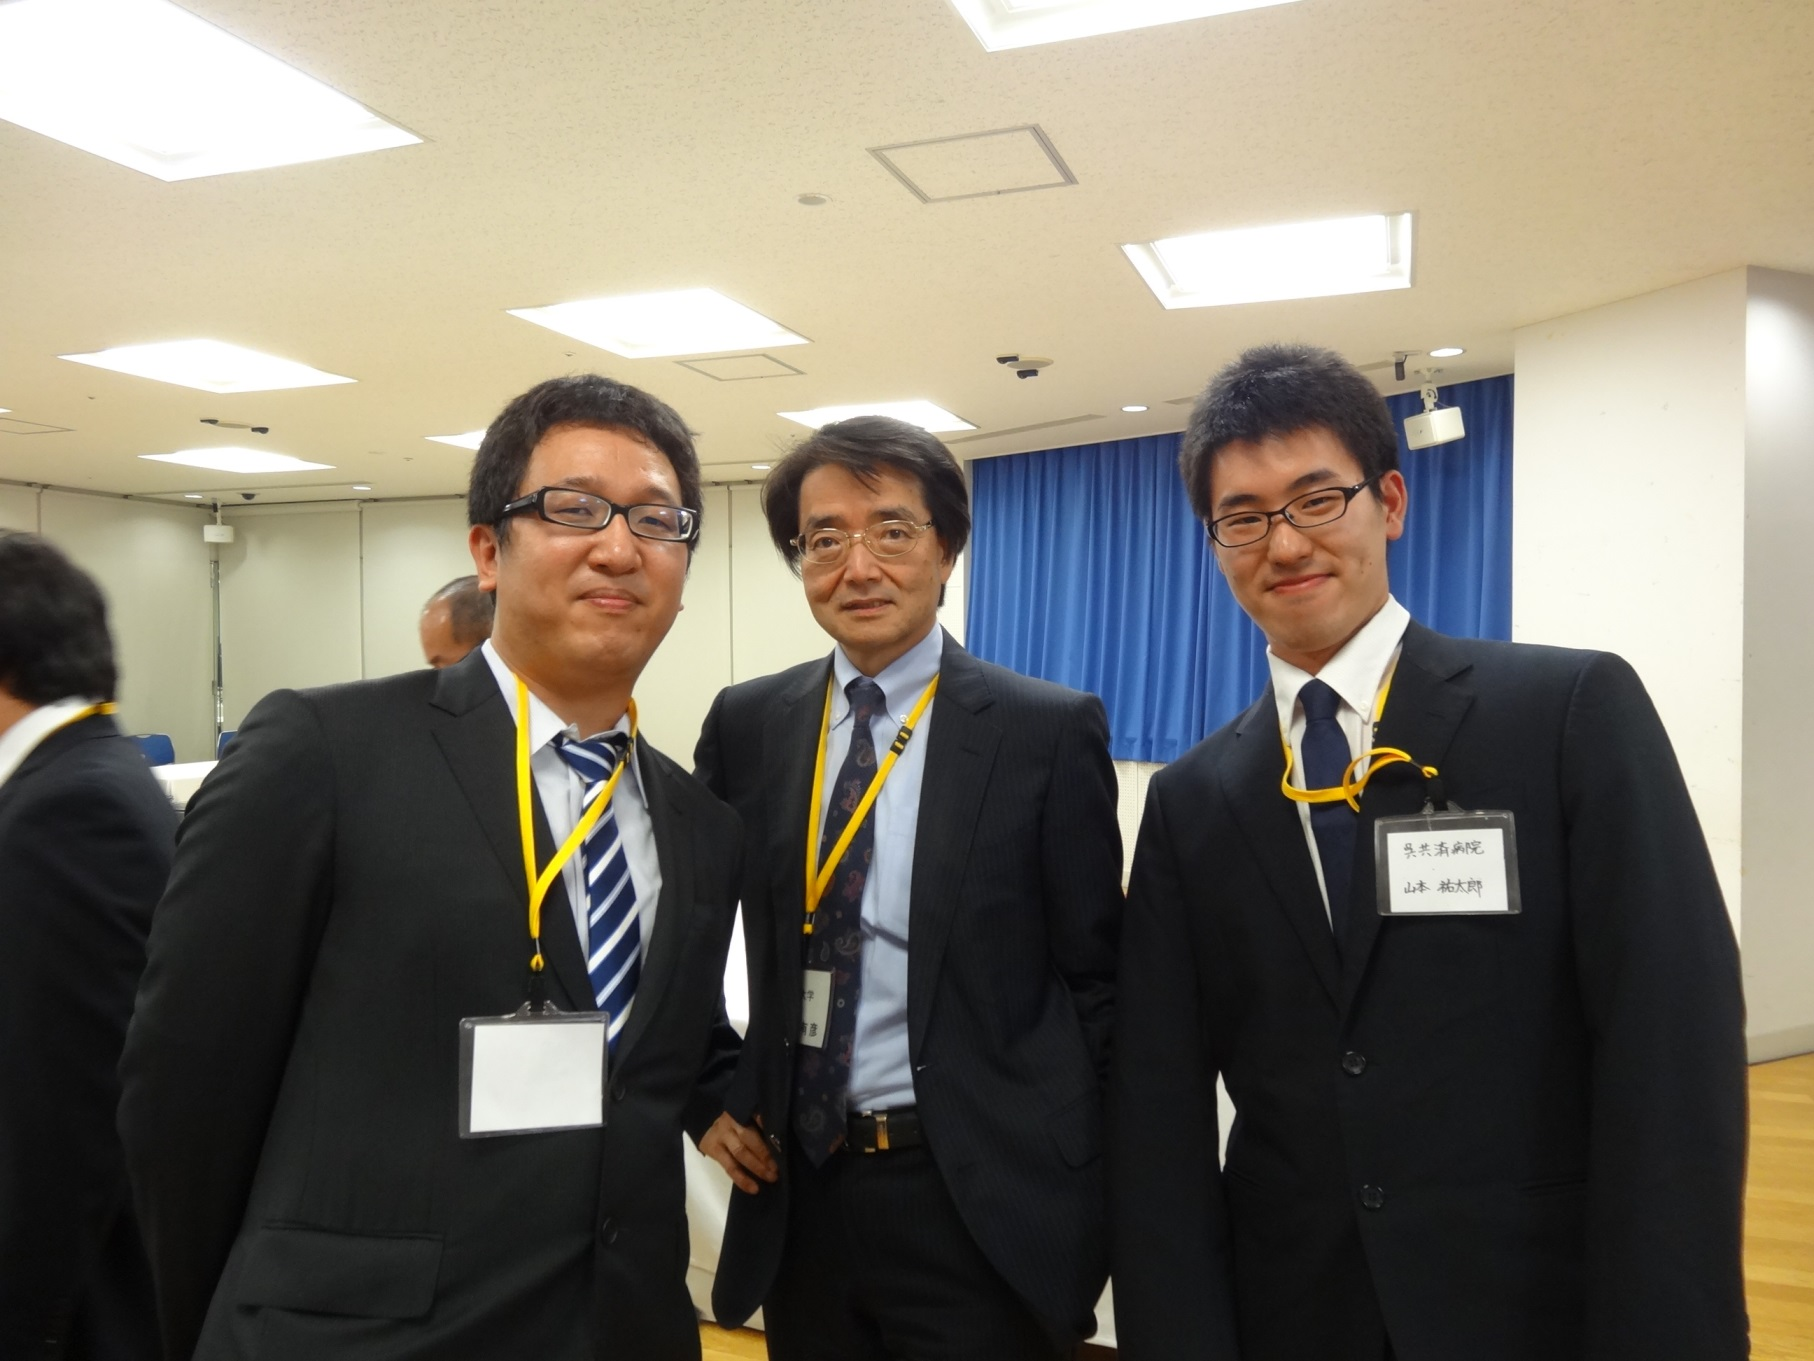 内科レジデントカンファレンス2015 in OKAYAMA (情報交換会5)